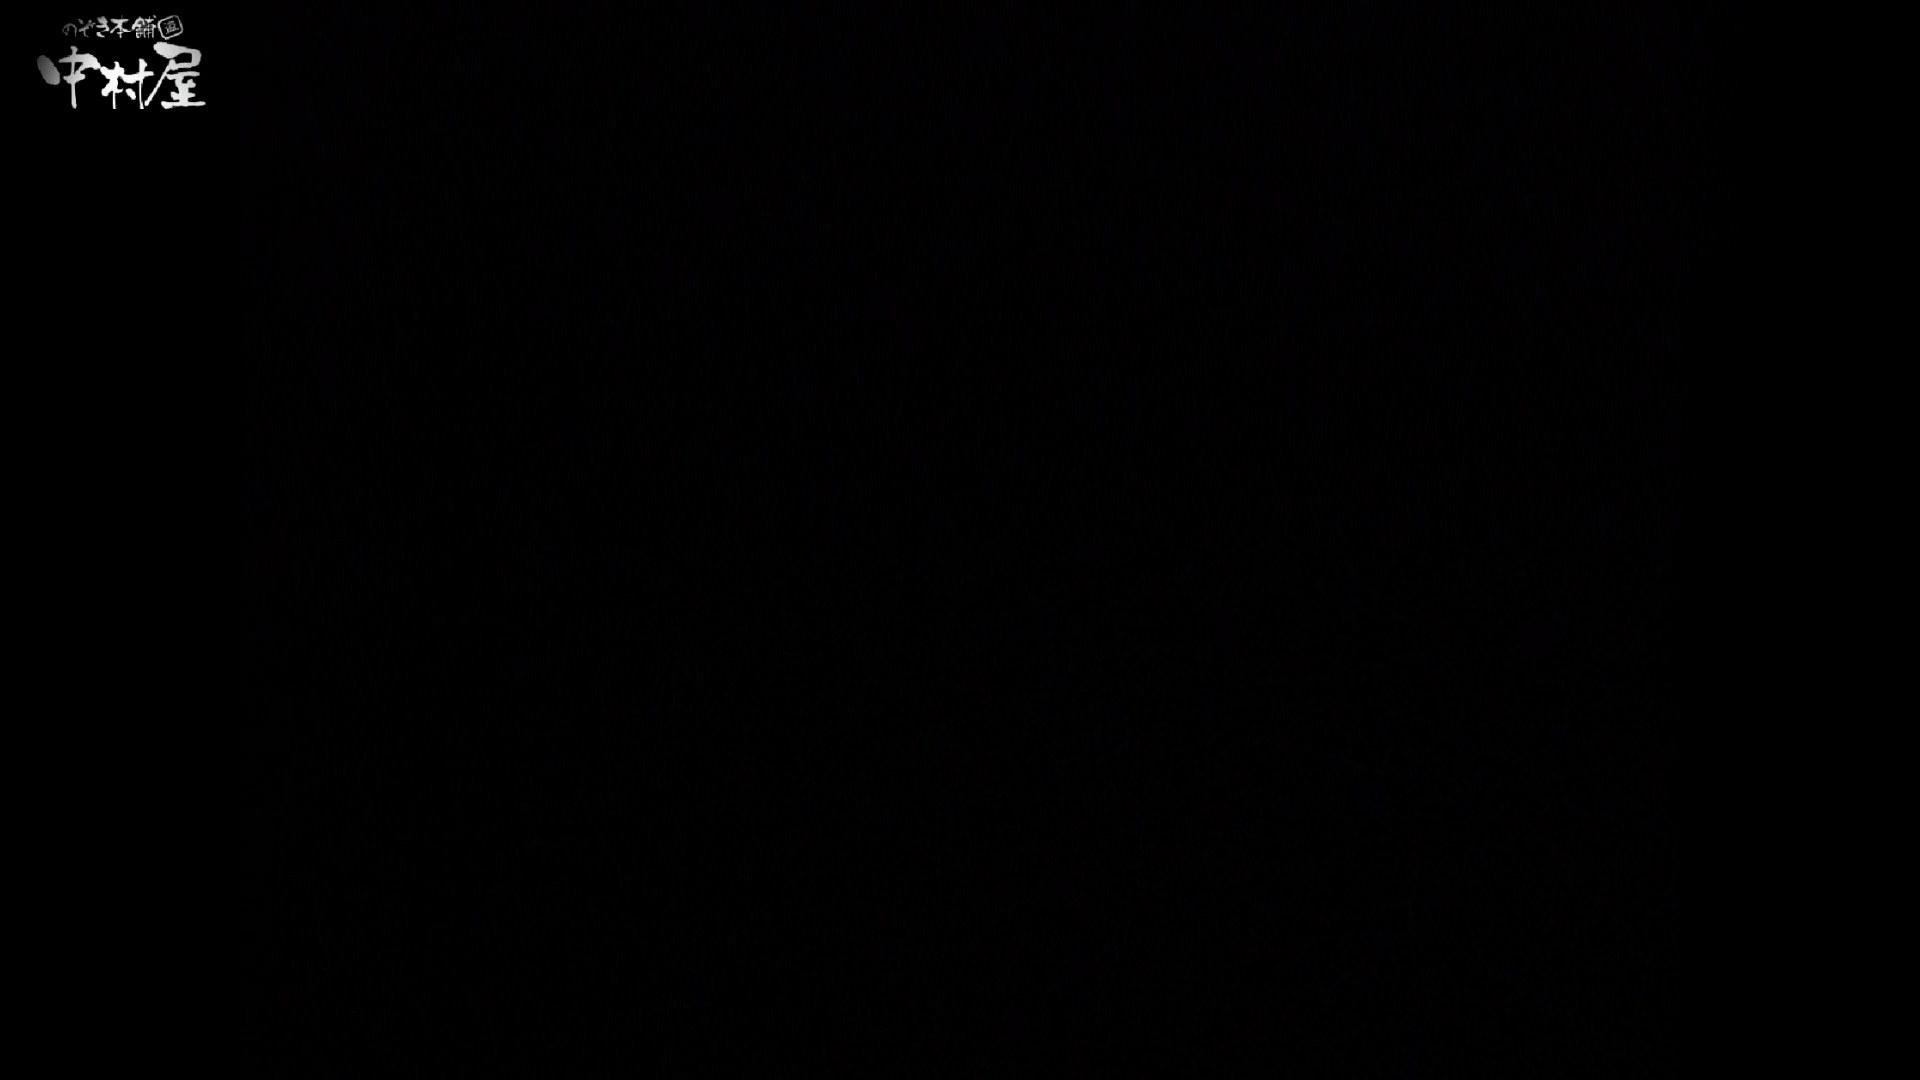 民家風呂専門盗撮師の超危険映像 vol.016 民家 盗撮動画紹介 86枚 34